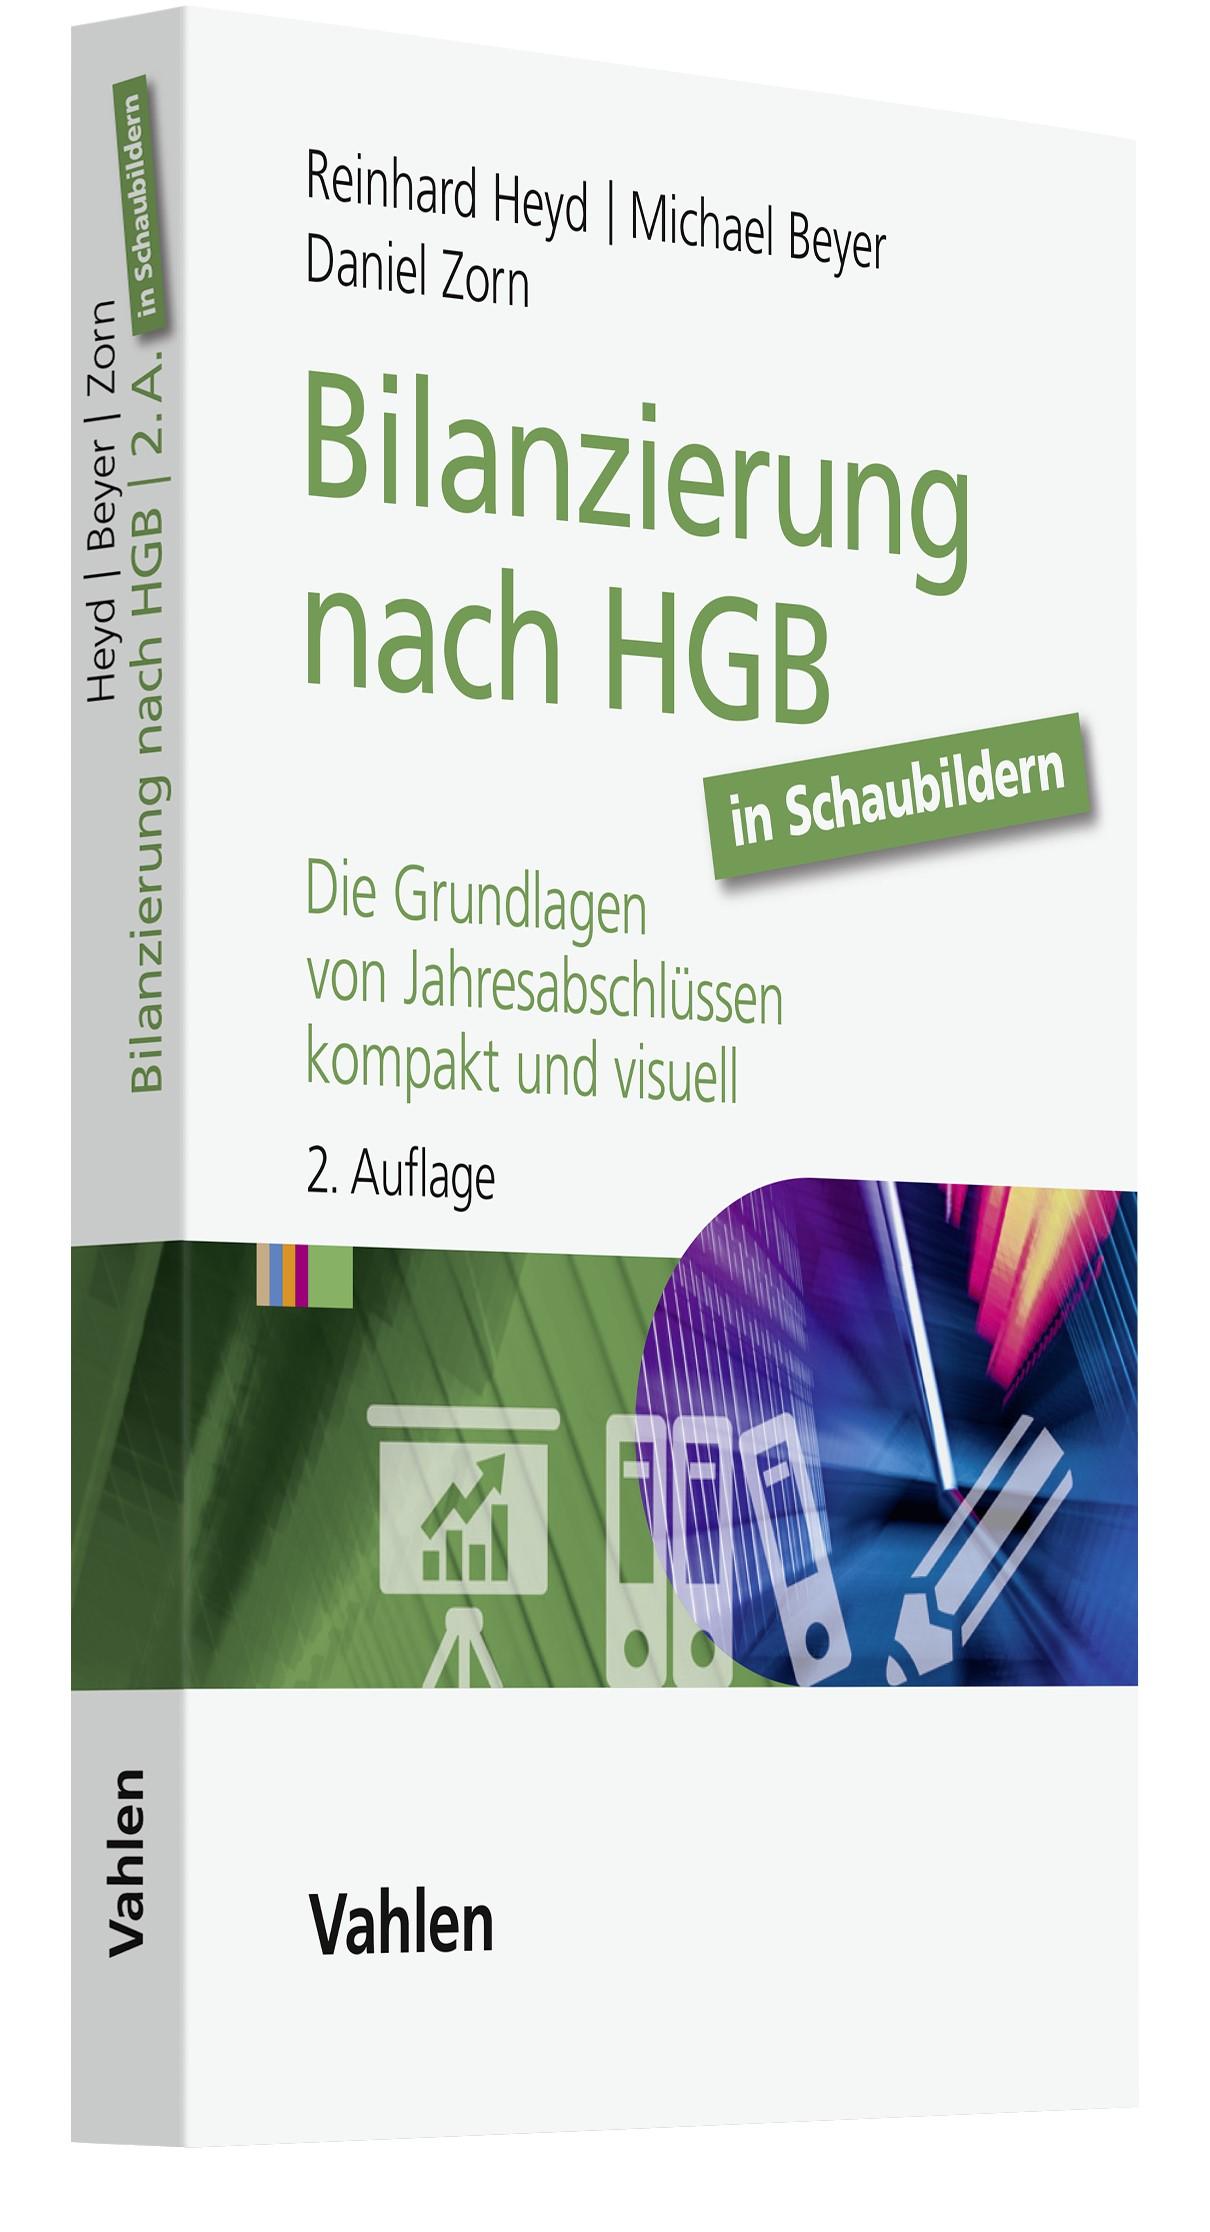 Bilanzierung nach HGB in Schaubildern   Heyd / Beyer / Zorn   2. Auflage, 2019   Buch (Cover)